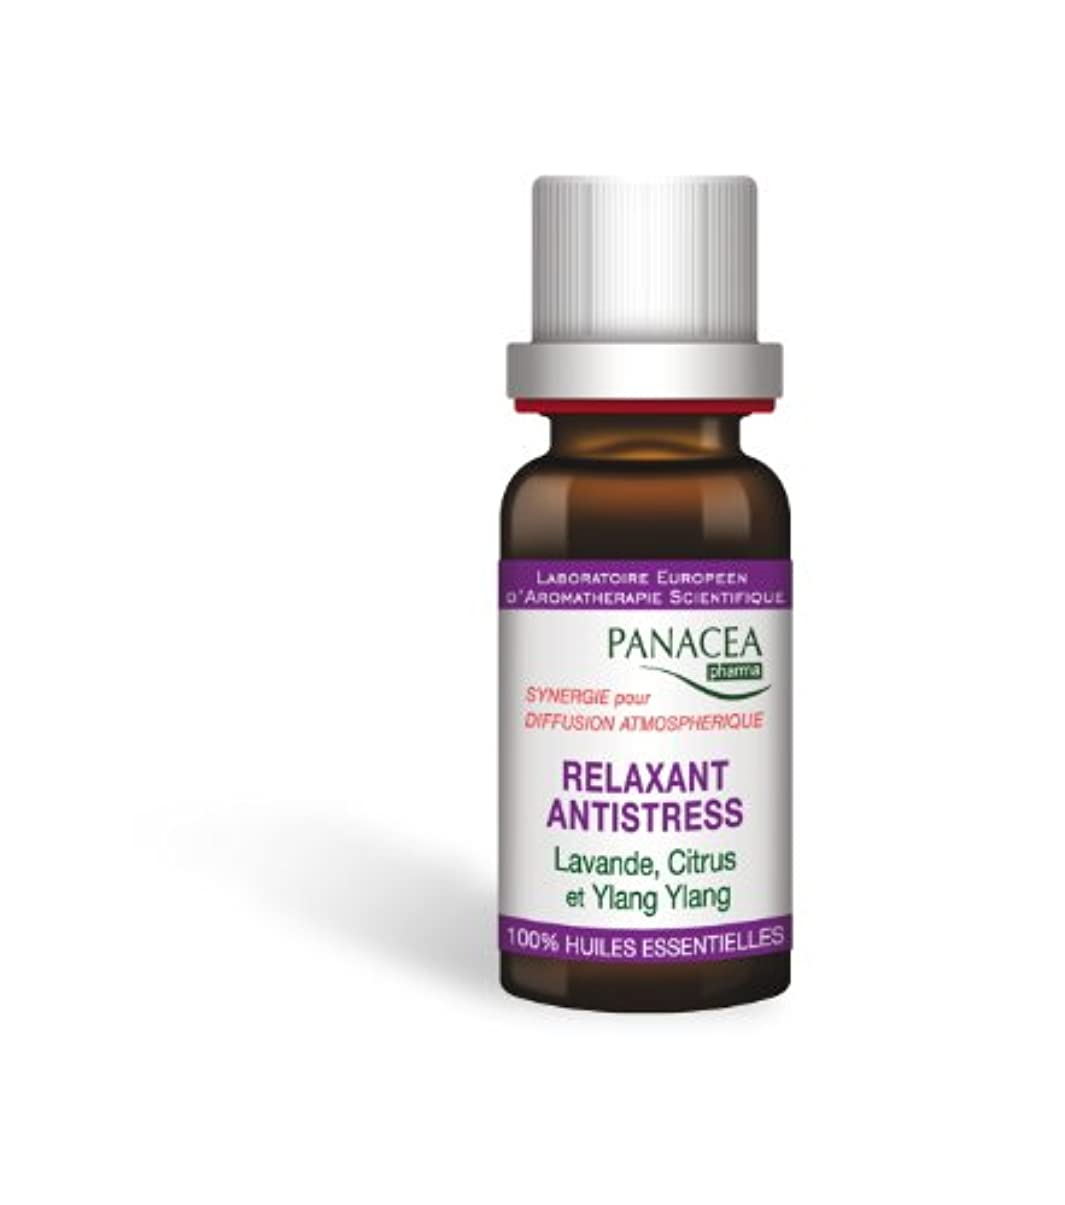 影響を受けやすいです受賞マーティンルーサーキングジュニア2.芳香浴用ブレンド  リラックス RELAXANT ANTISTRESS  15ml エッセンシャルオイル PANACEA PHARMA パナセア ファルマ